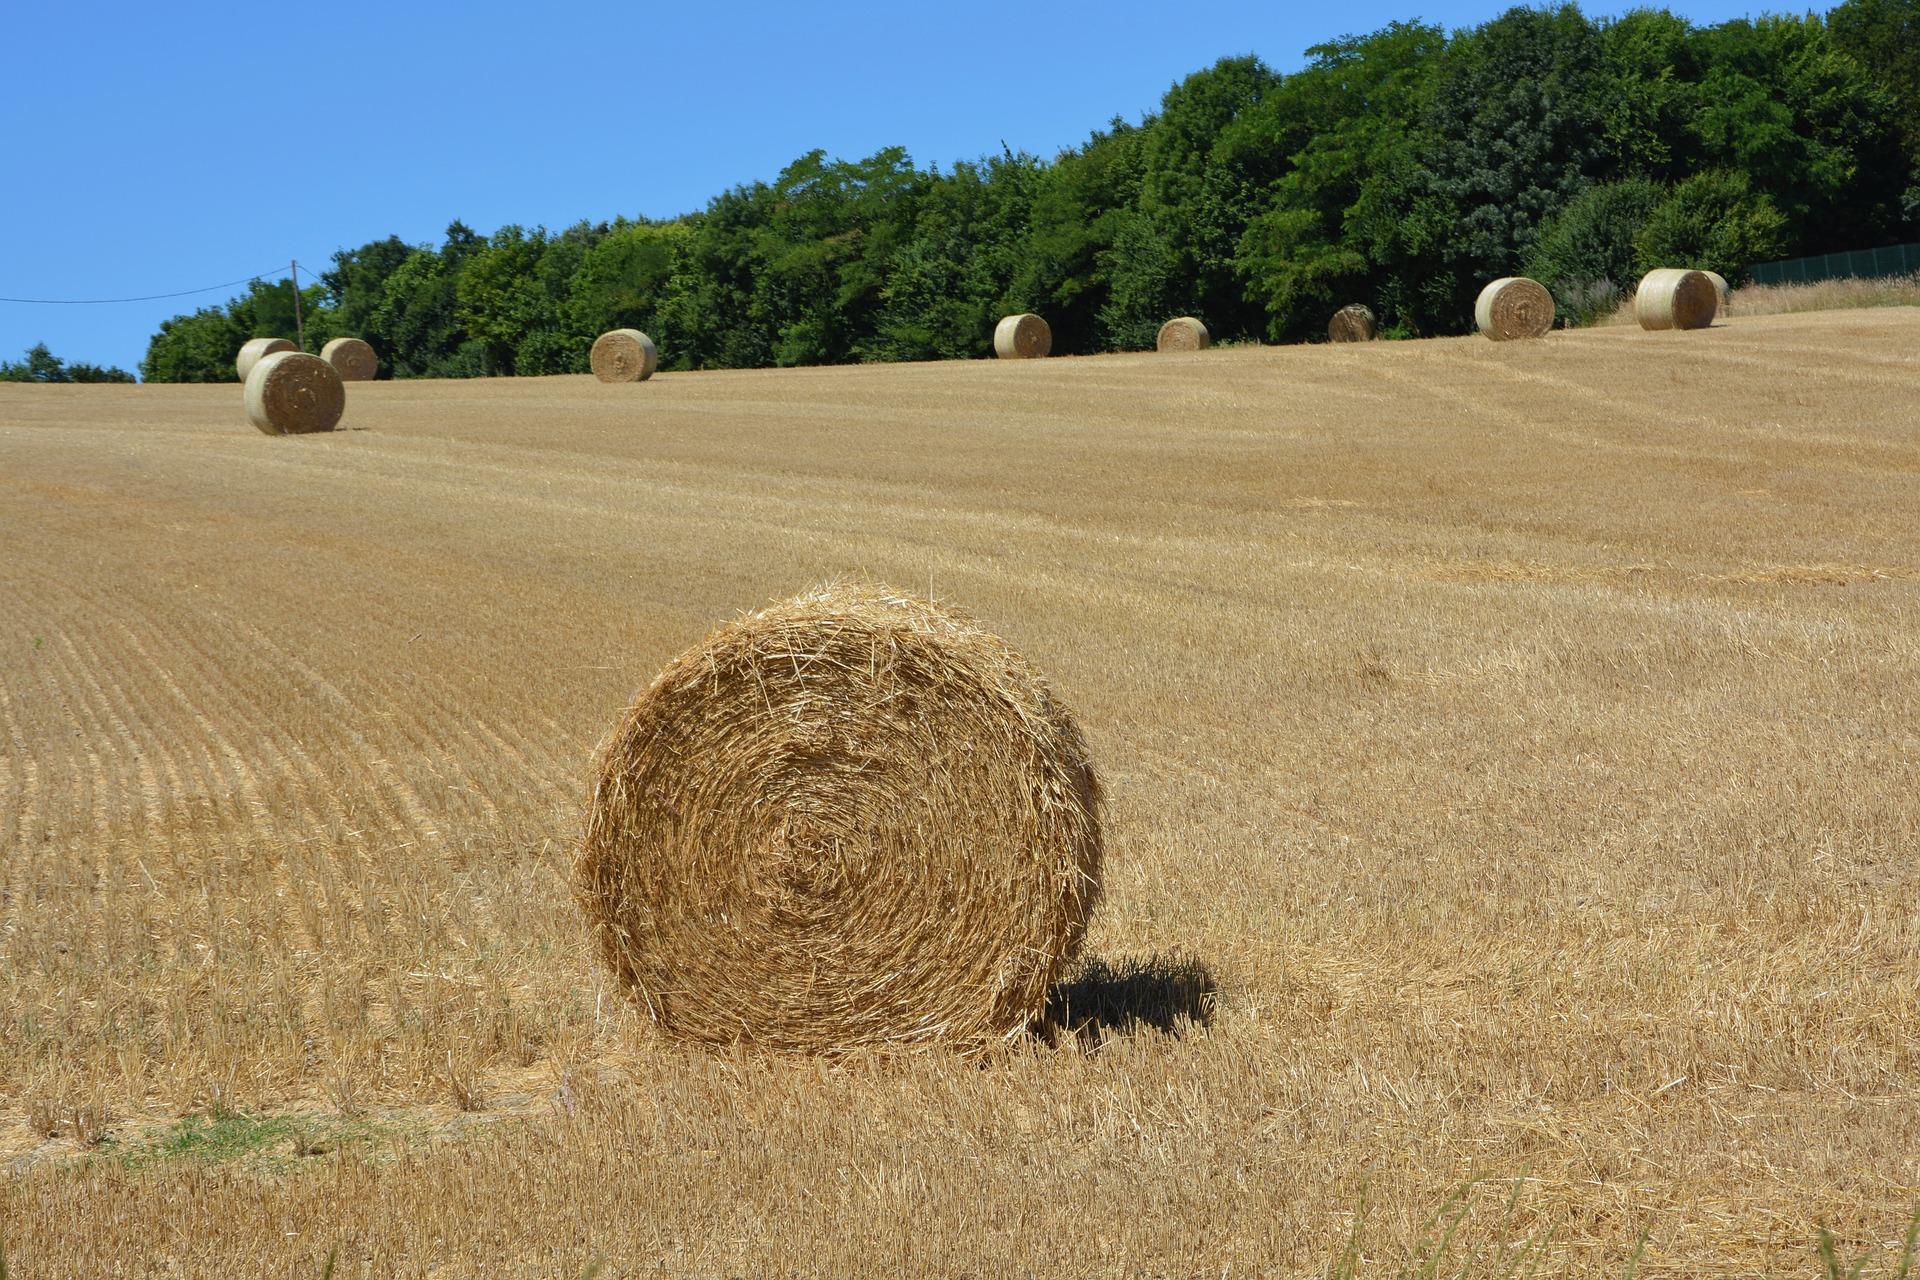 Ungesunde Verteilung von Grund und Boden - der Erwerber als Grundbesitzer